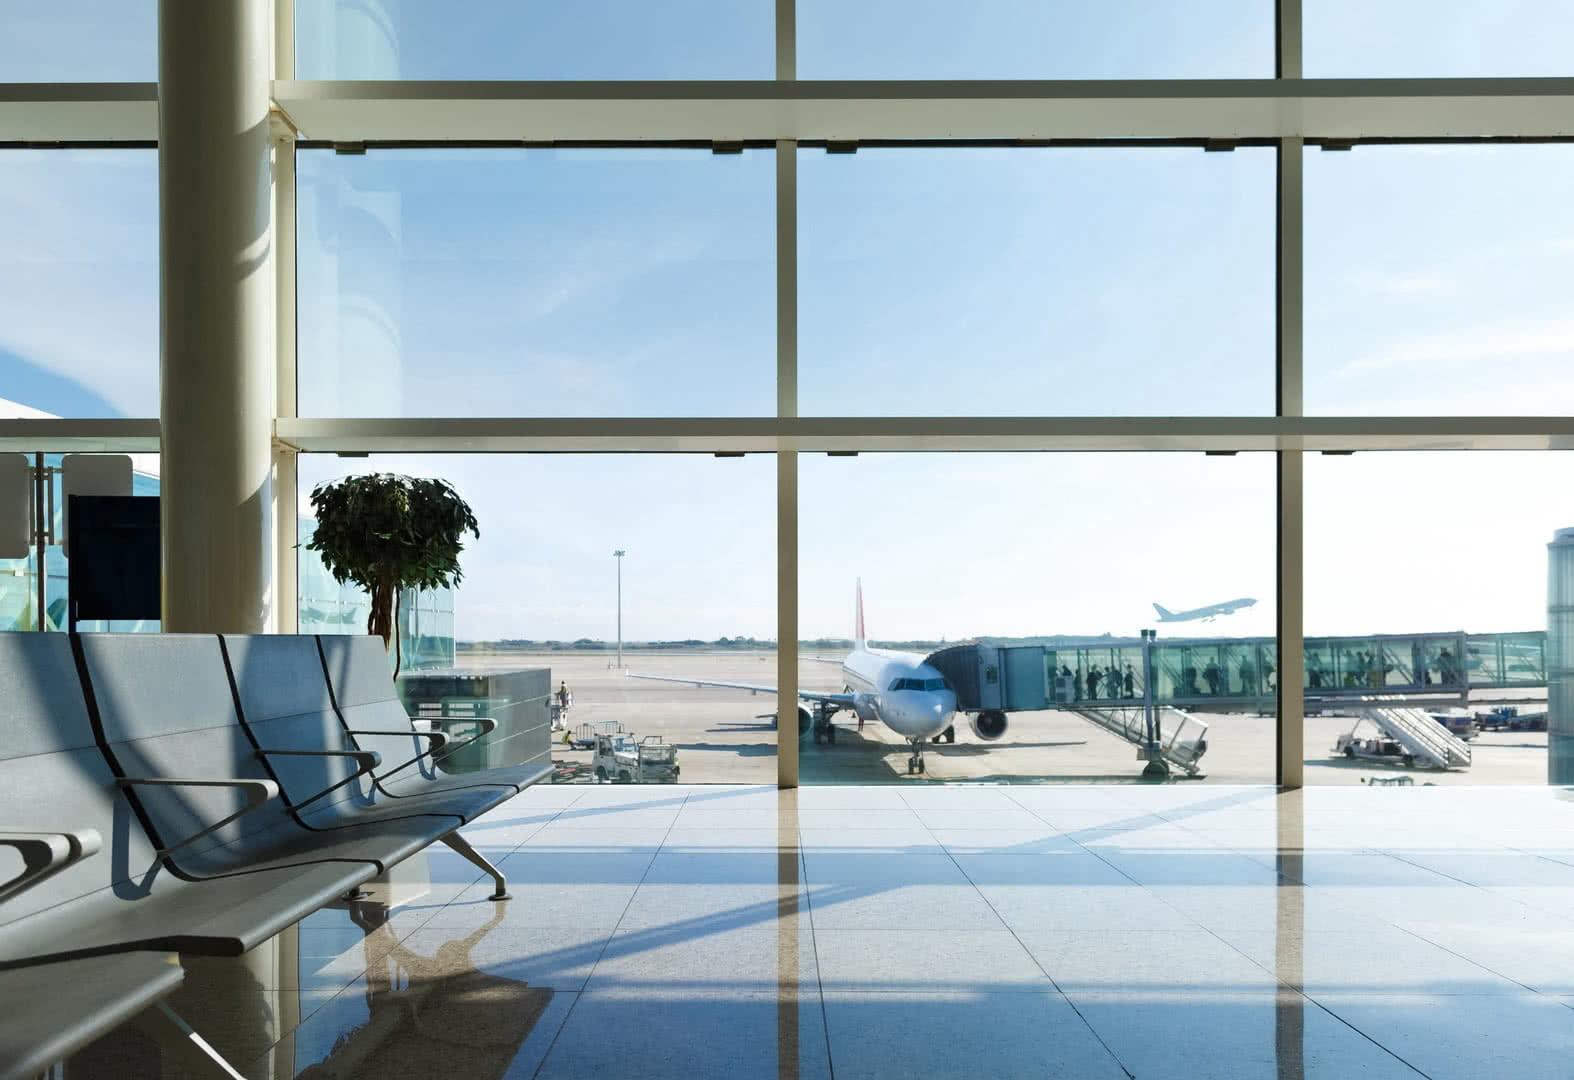 Seguridad en aeropuerto